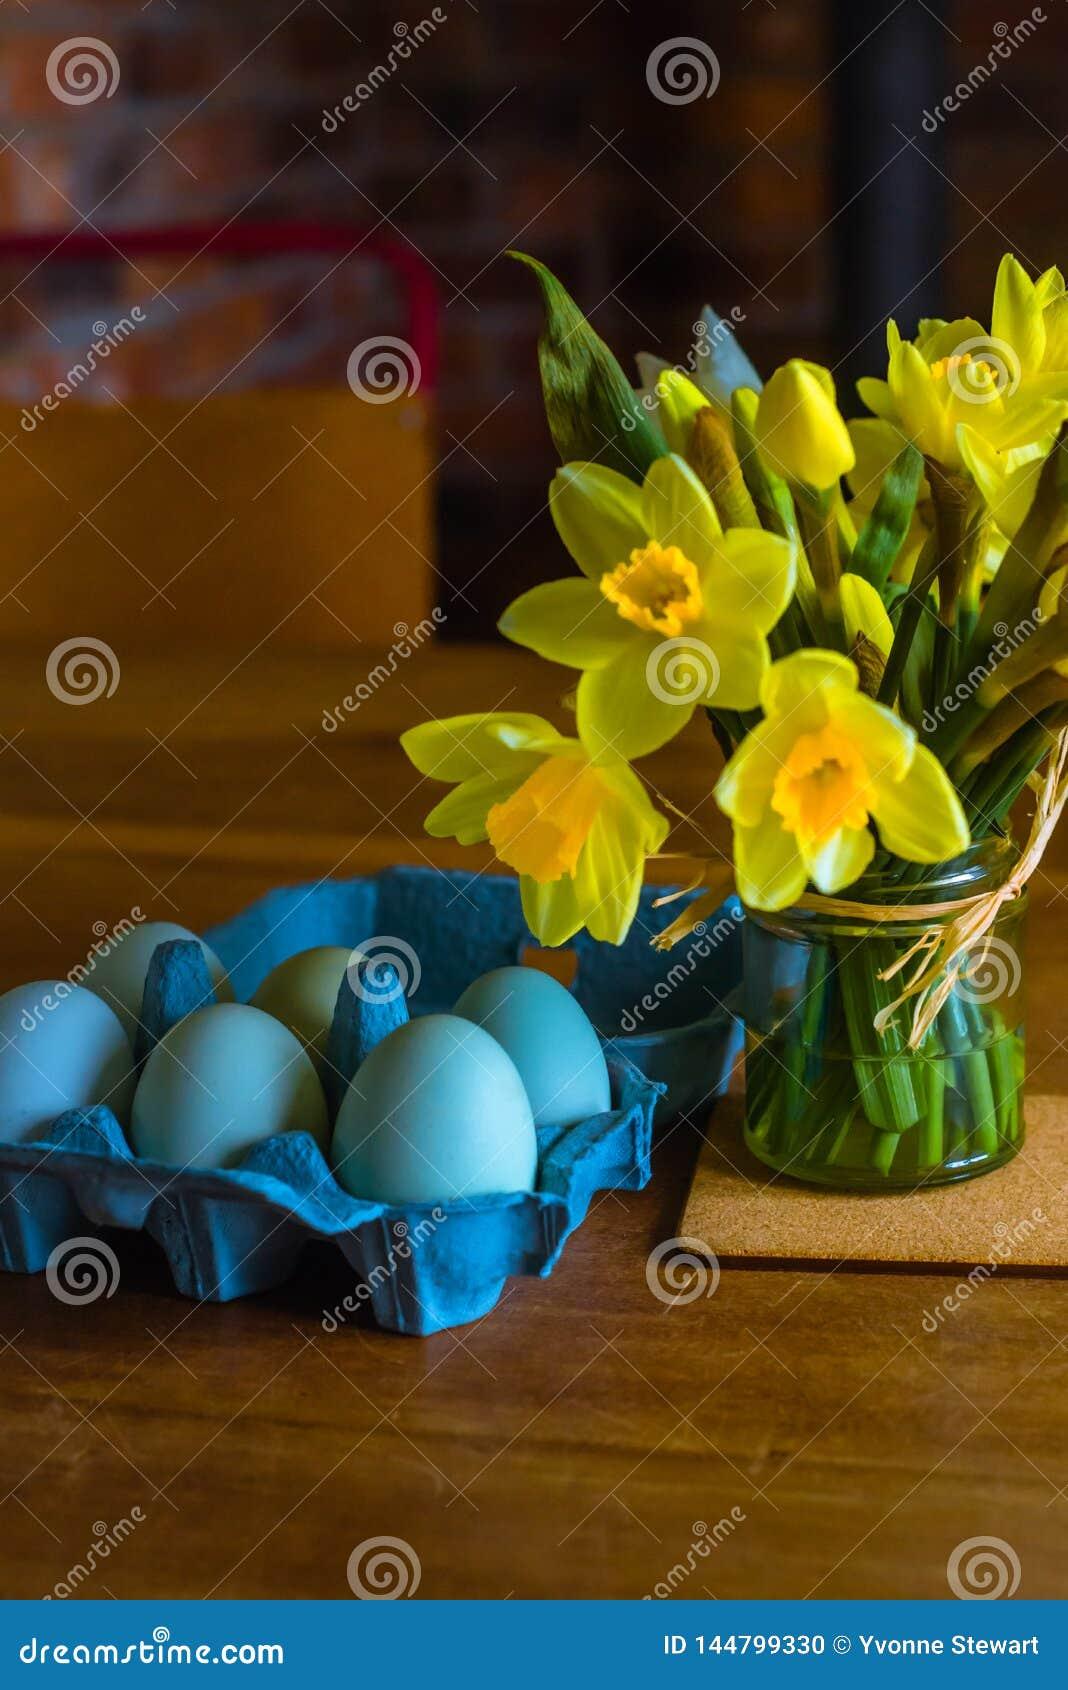 Błękitni jajka i Żółci Daffodils na Kuchennym stole